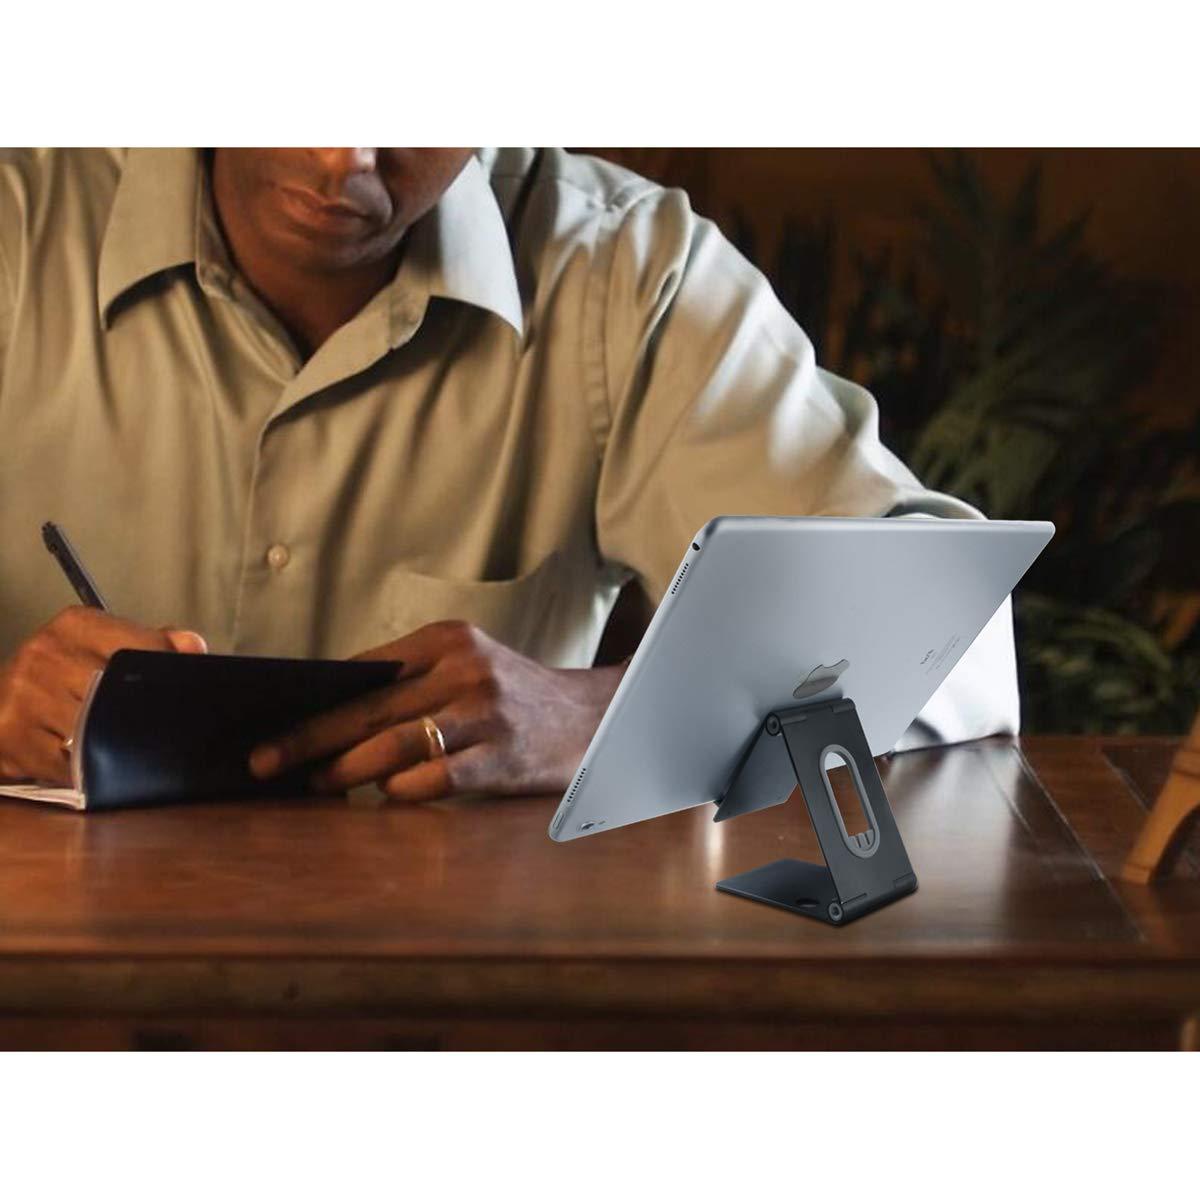 AUTFIT Foldable Desk Phone Stands, Tabletständer Einstellbar, Handy Halter, Ebook Reader Ständer, Switch Ständer, Universal Tischständer Halterung Tablet Stand für Smartphone, iPad, Kindle (Schwarz)